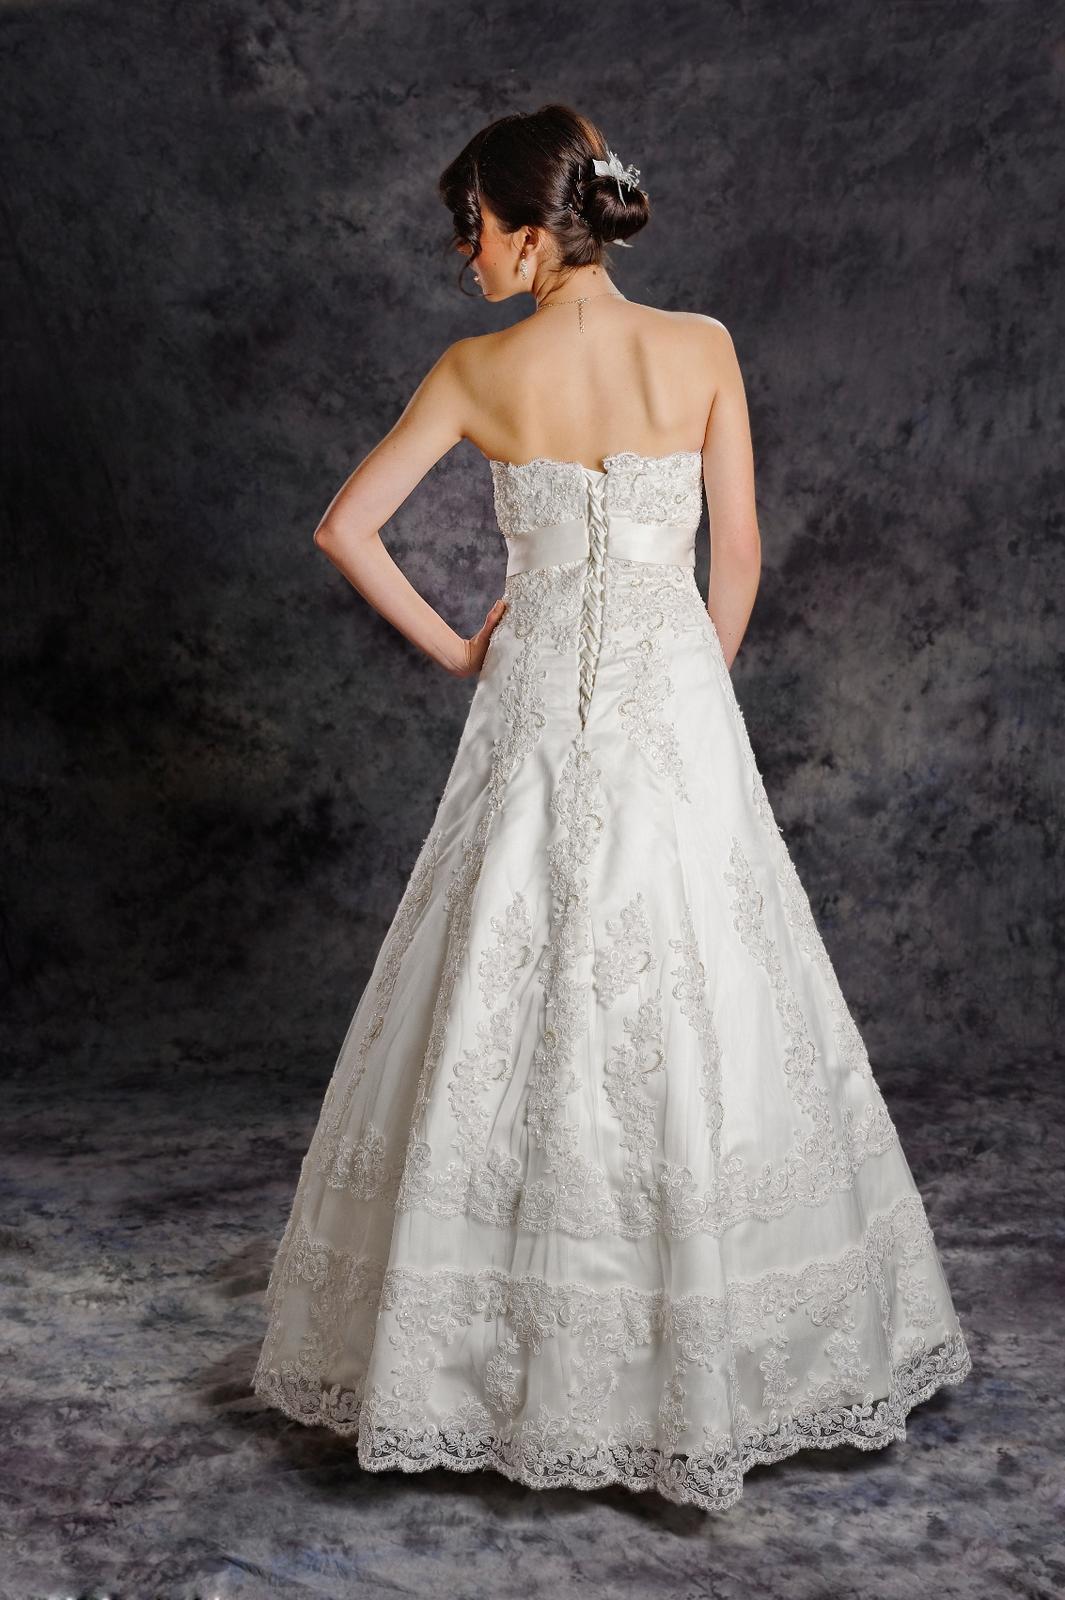 Svadobné šaty Vanessa, jediný kus vo výpredaji - Obrázok č. 2